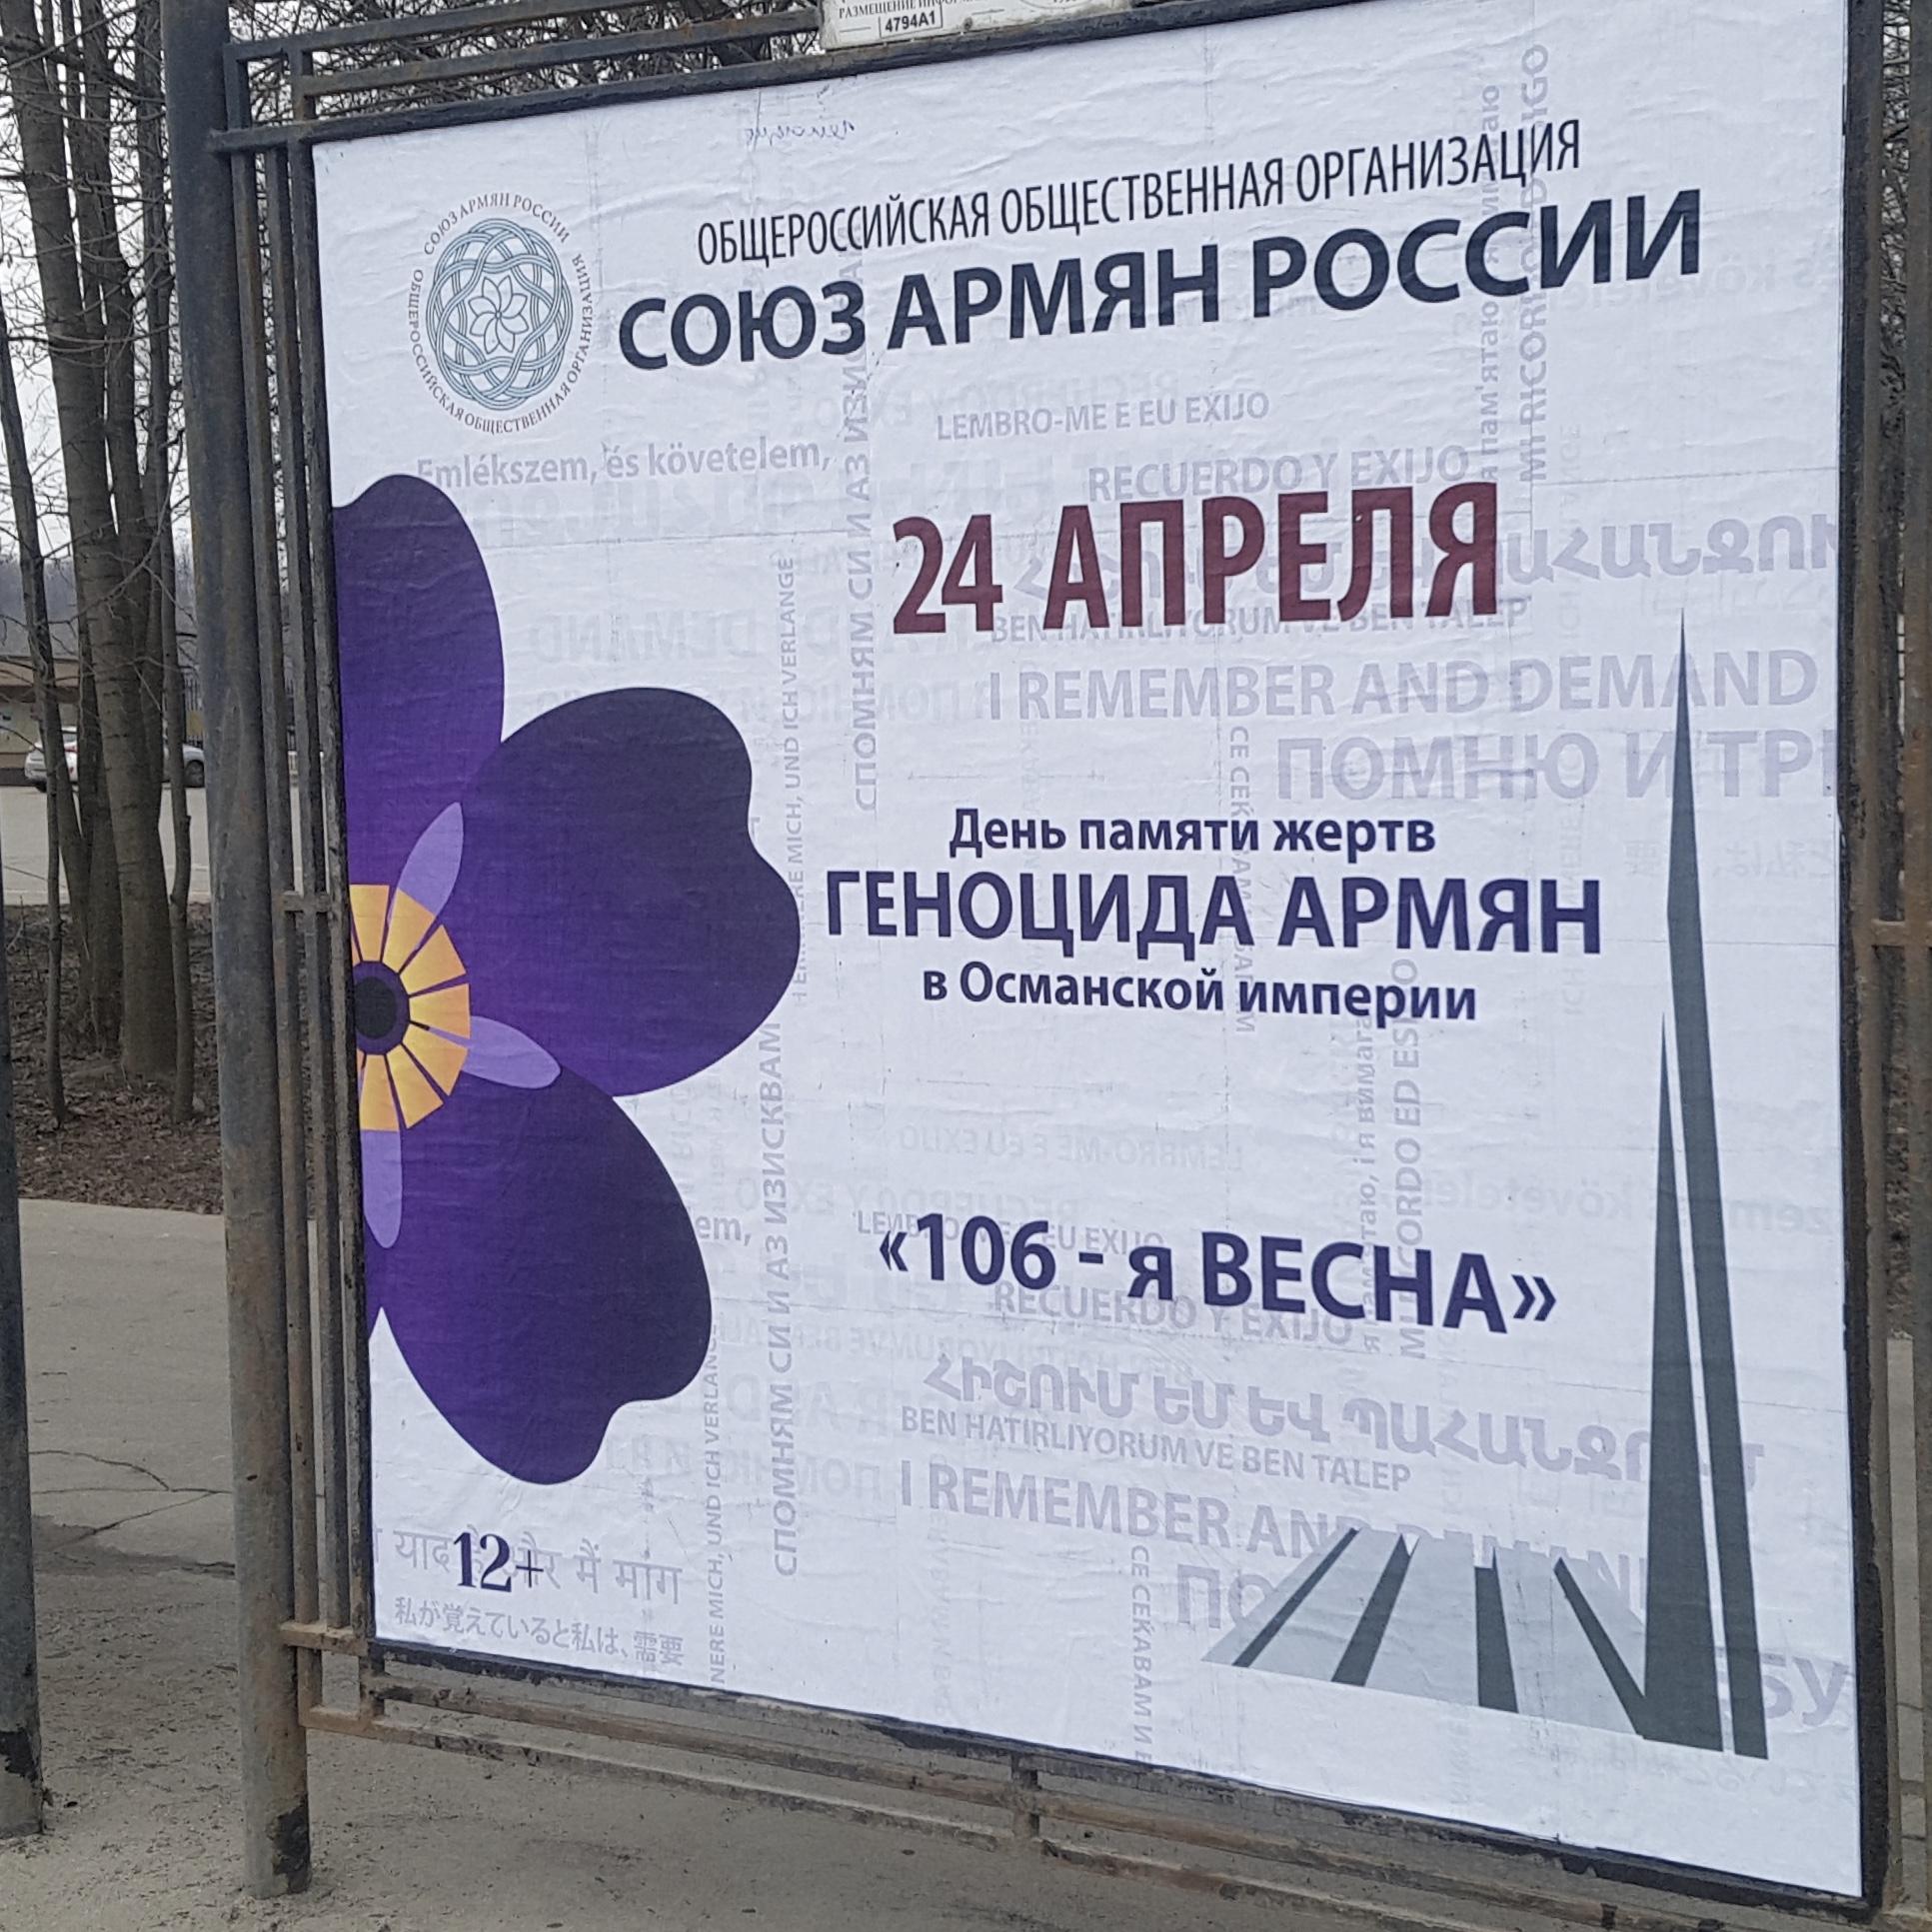 К 106-ой годовщине Геноцида армян в Османской империи Союз армян России разместил билборды в Москве